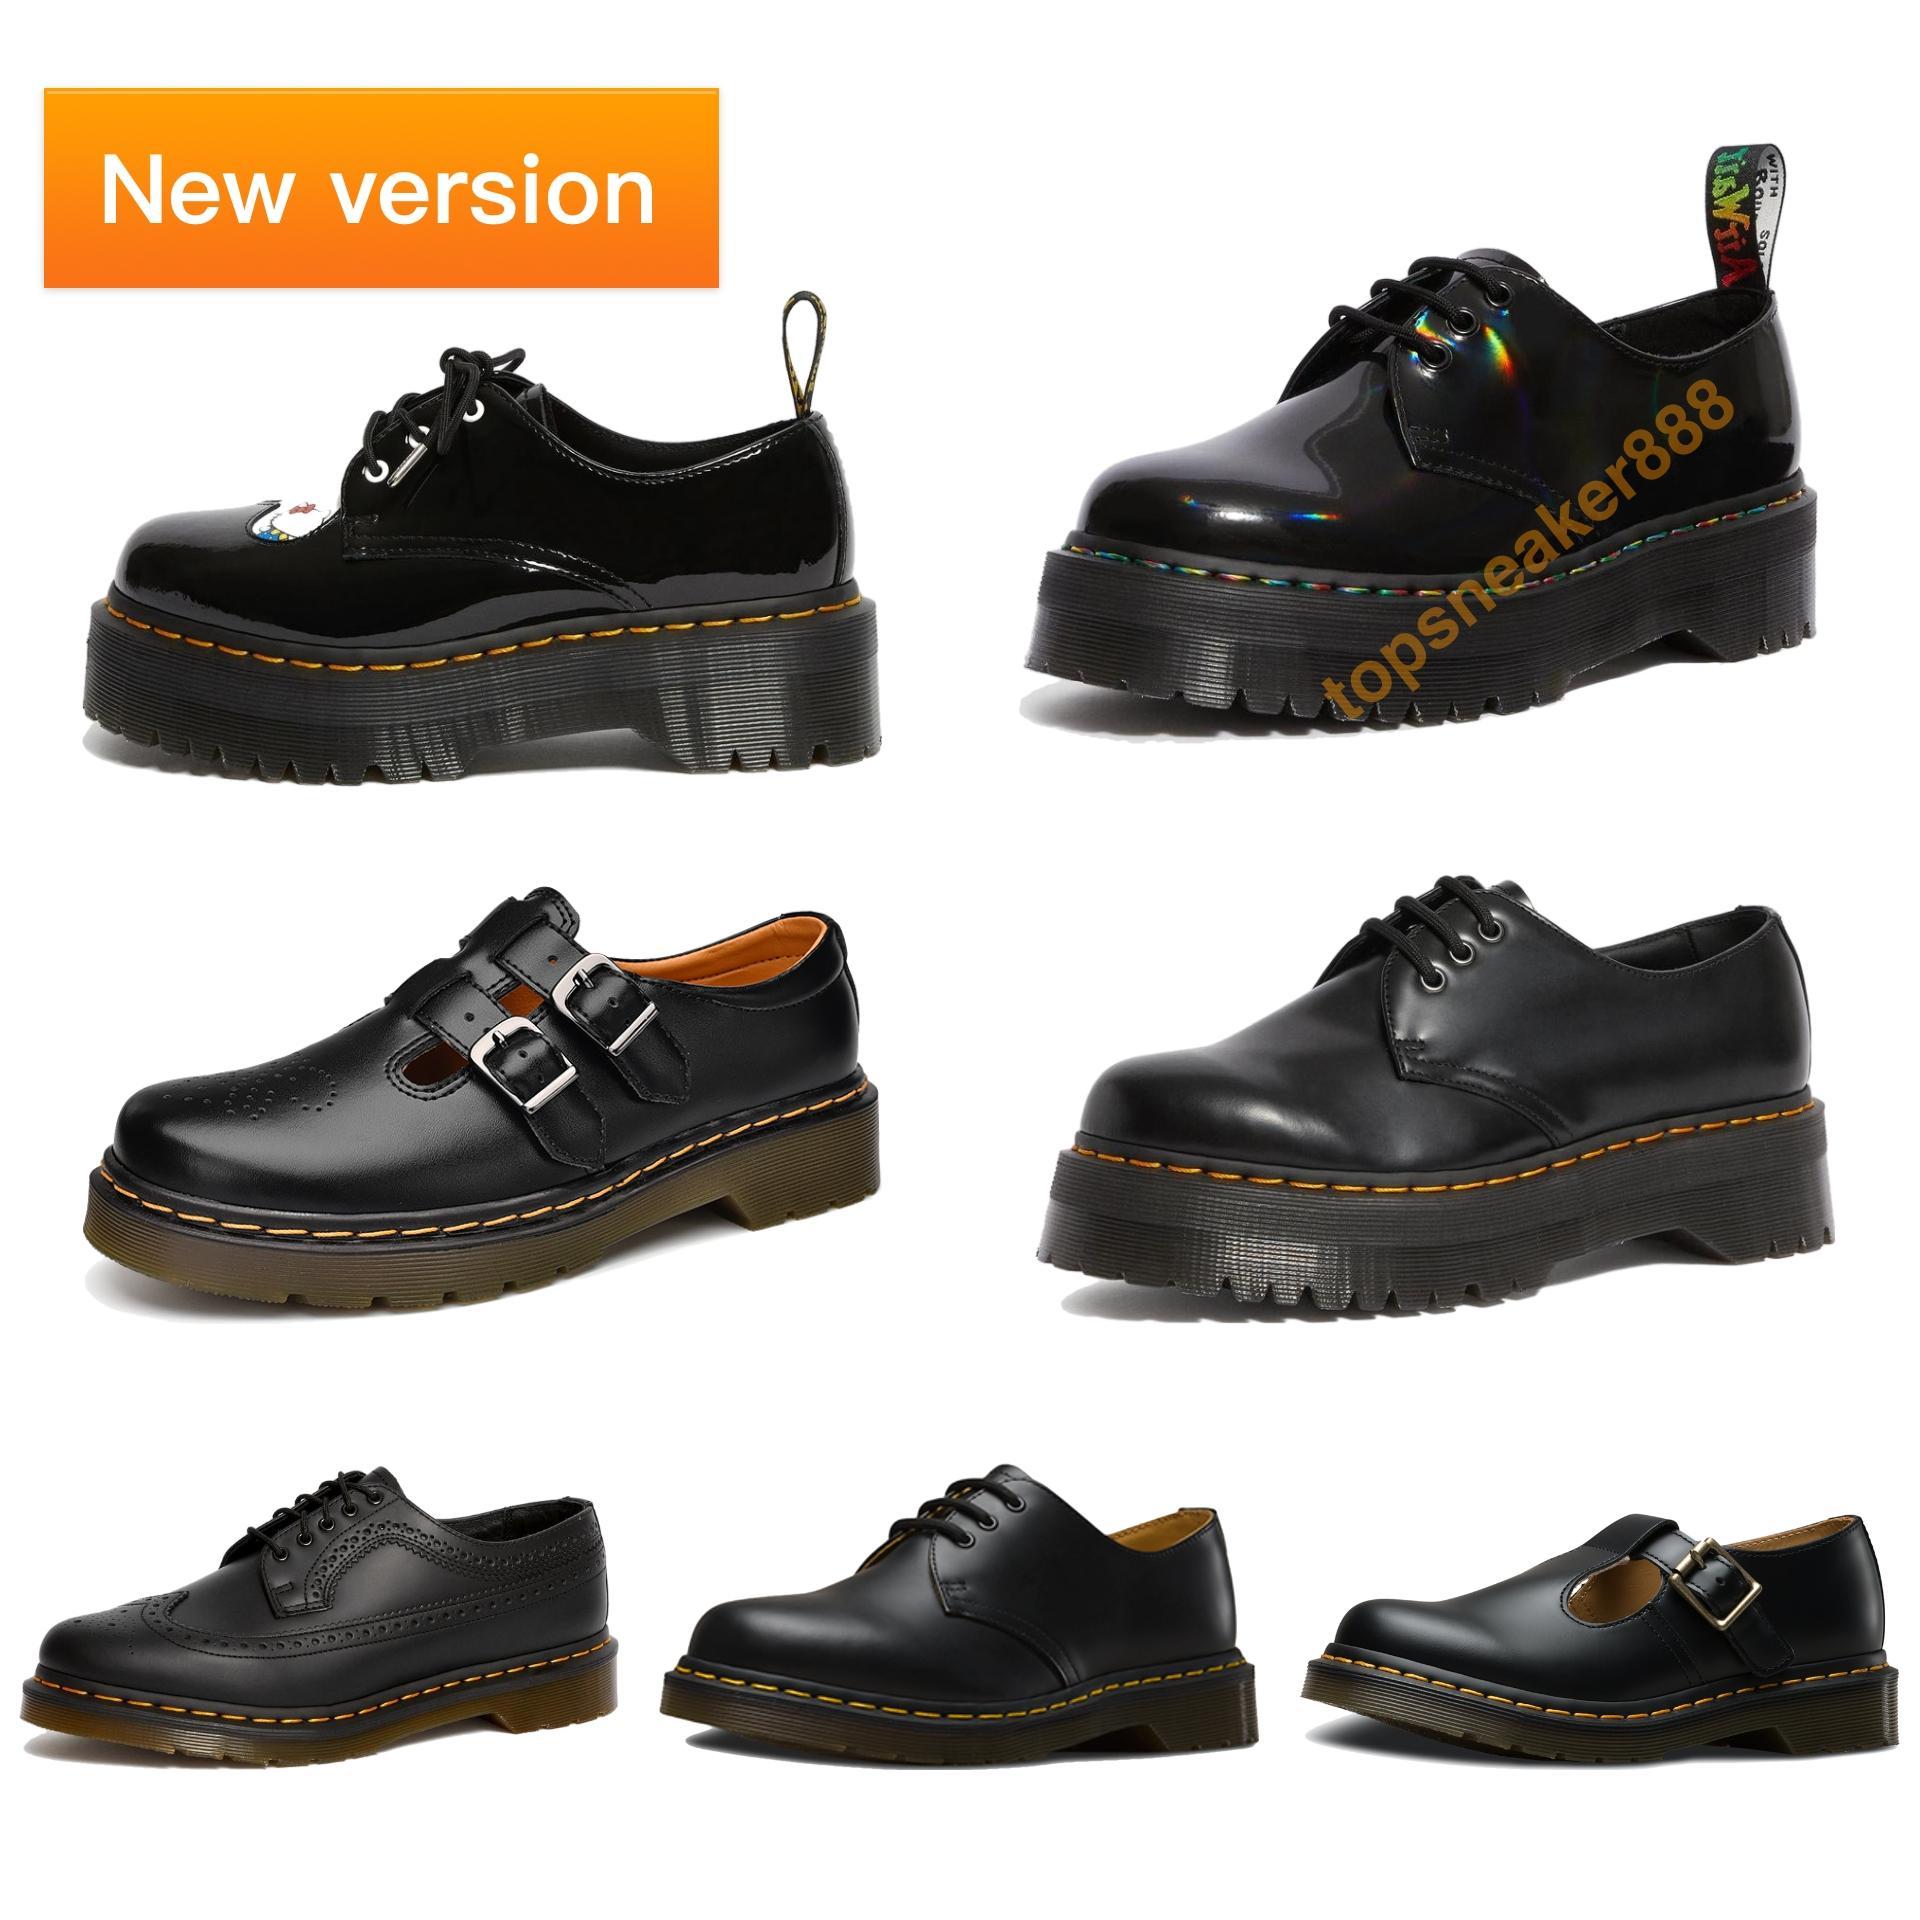 مارتن أحذية 1461 السلس منصة جلد 3989 أصفر غرزة السلس رجل الاحذية النساء مارتن أحذية الاتحاد الأوروبي 35-46